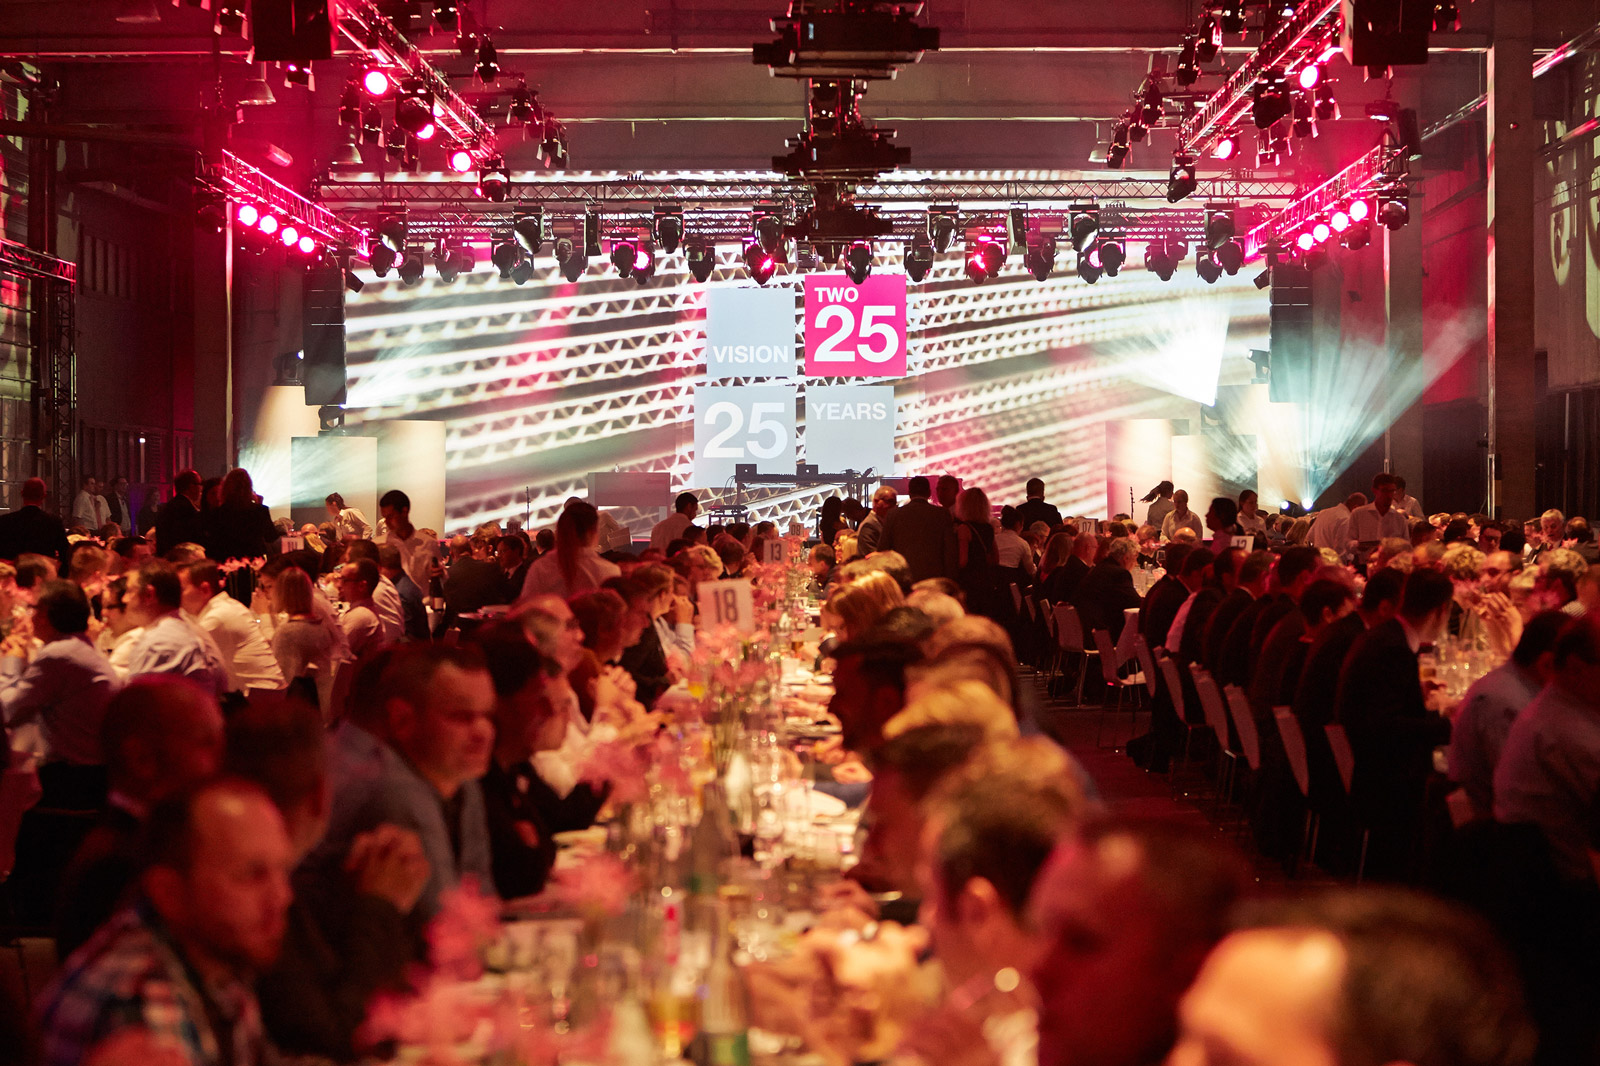 Für das Jubiläum der Progroup AG  wurde die erste Produktionsstätte des Unternehmens in Offenbach/Queich zur Eventlocation.